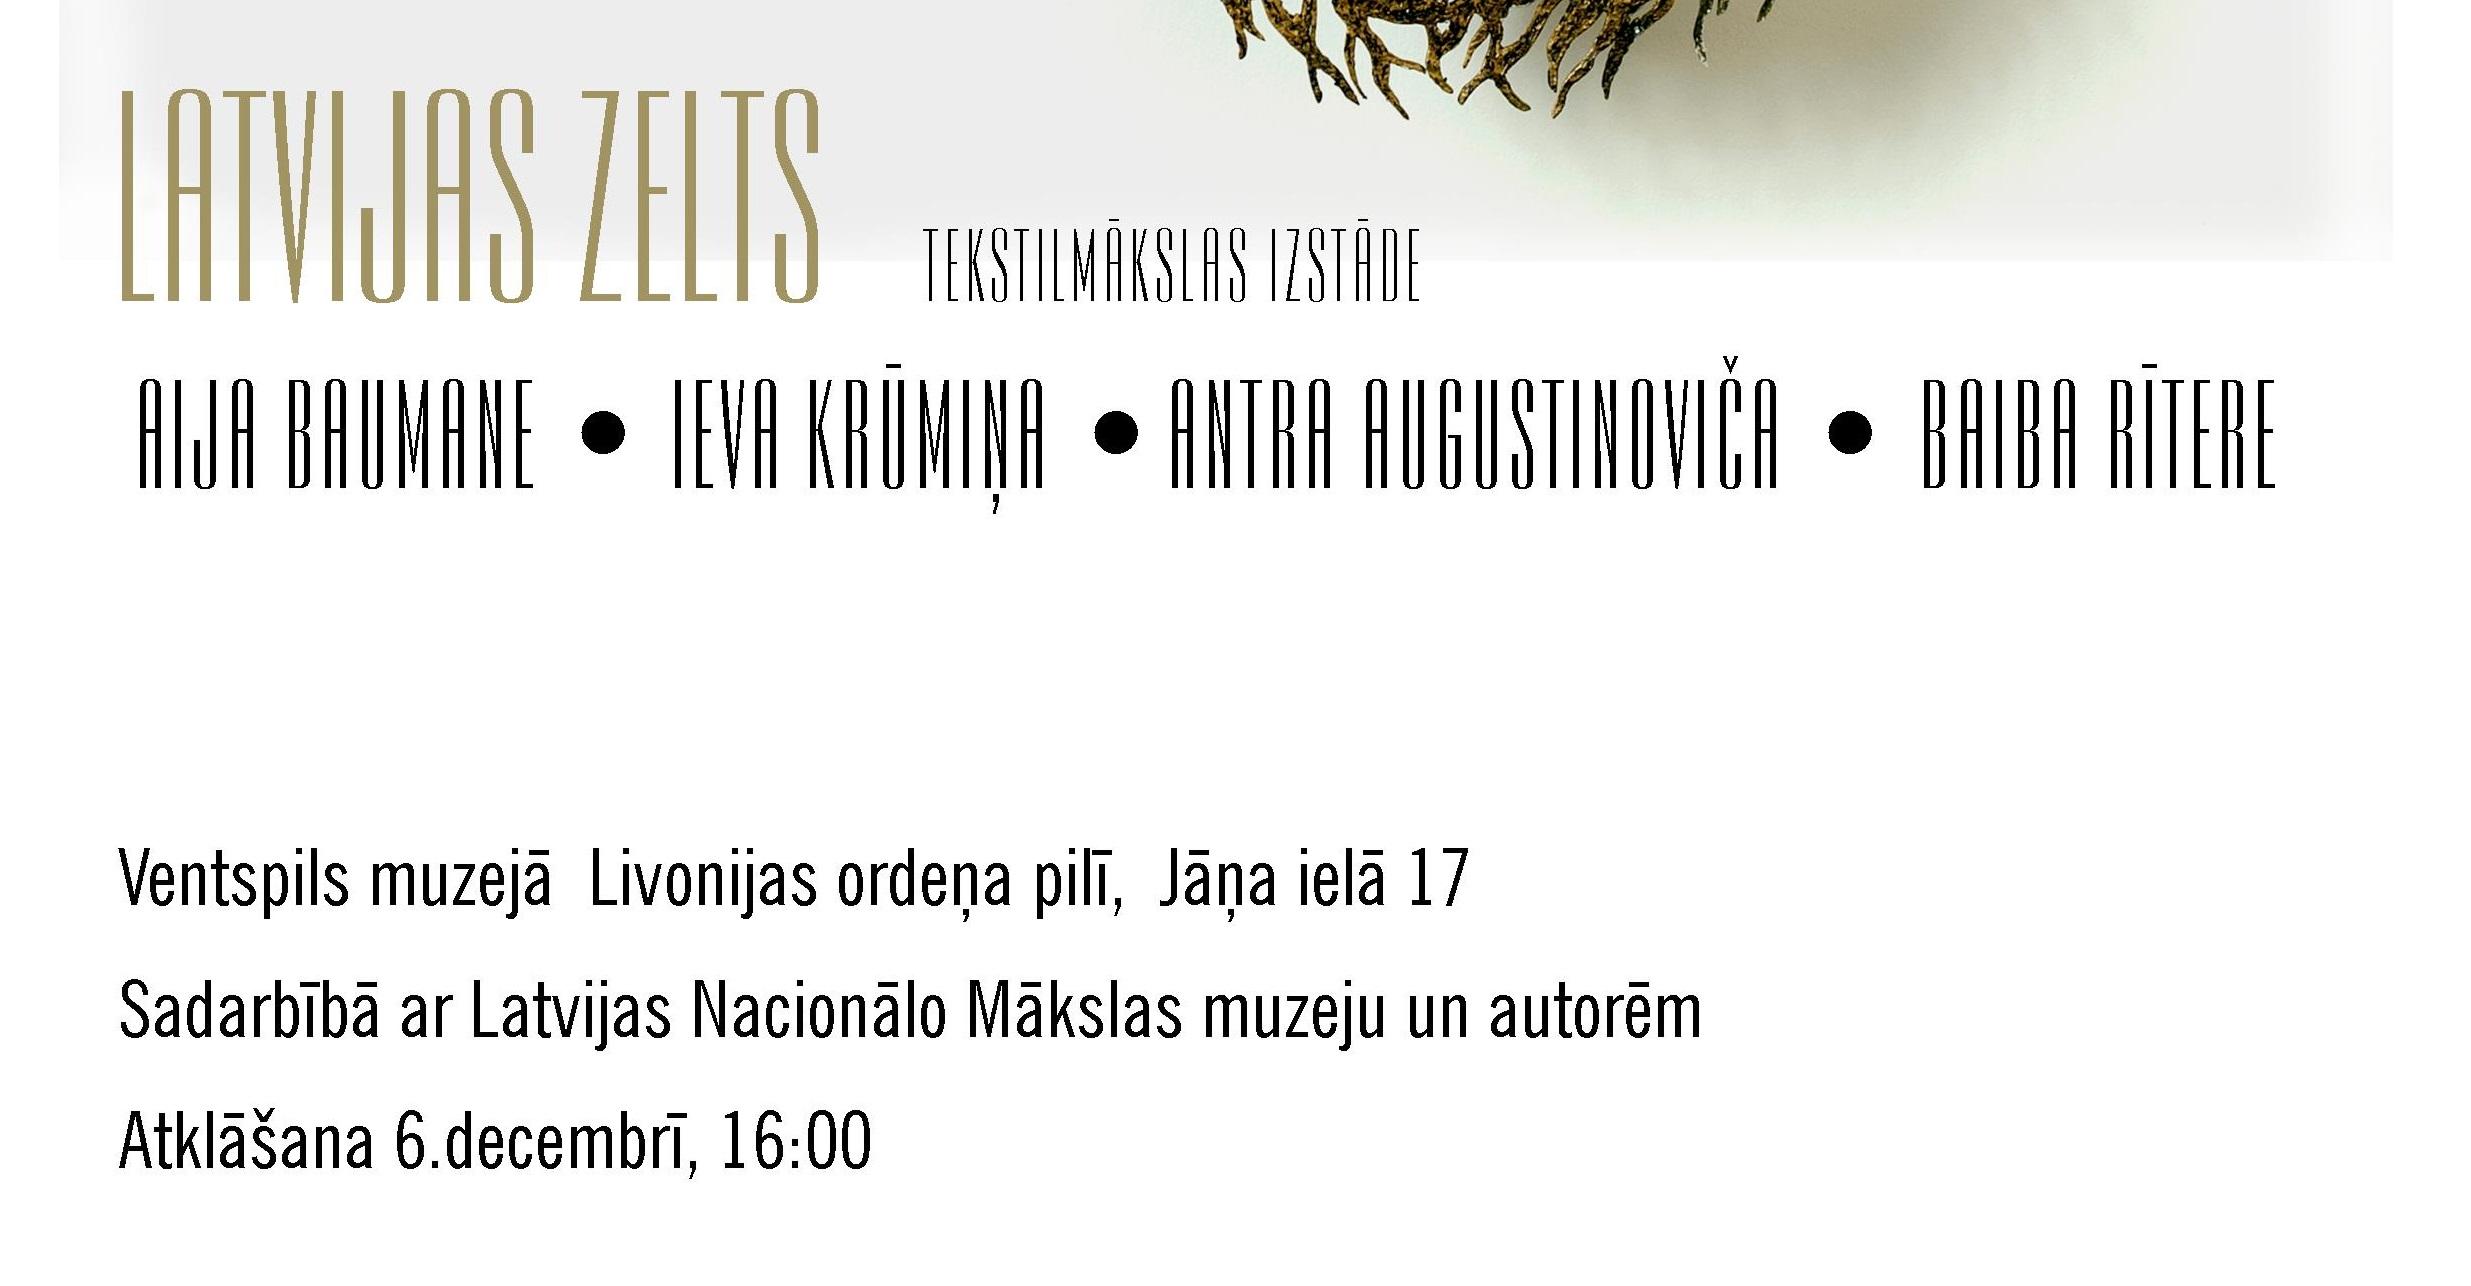 Siltais Latvijas zelts